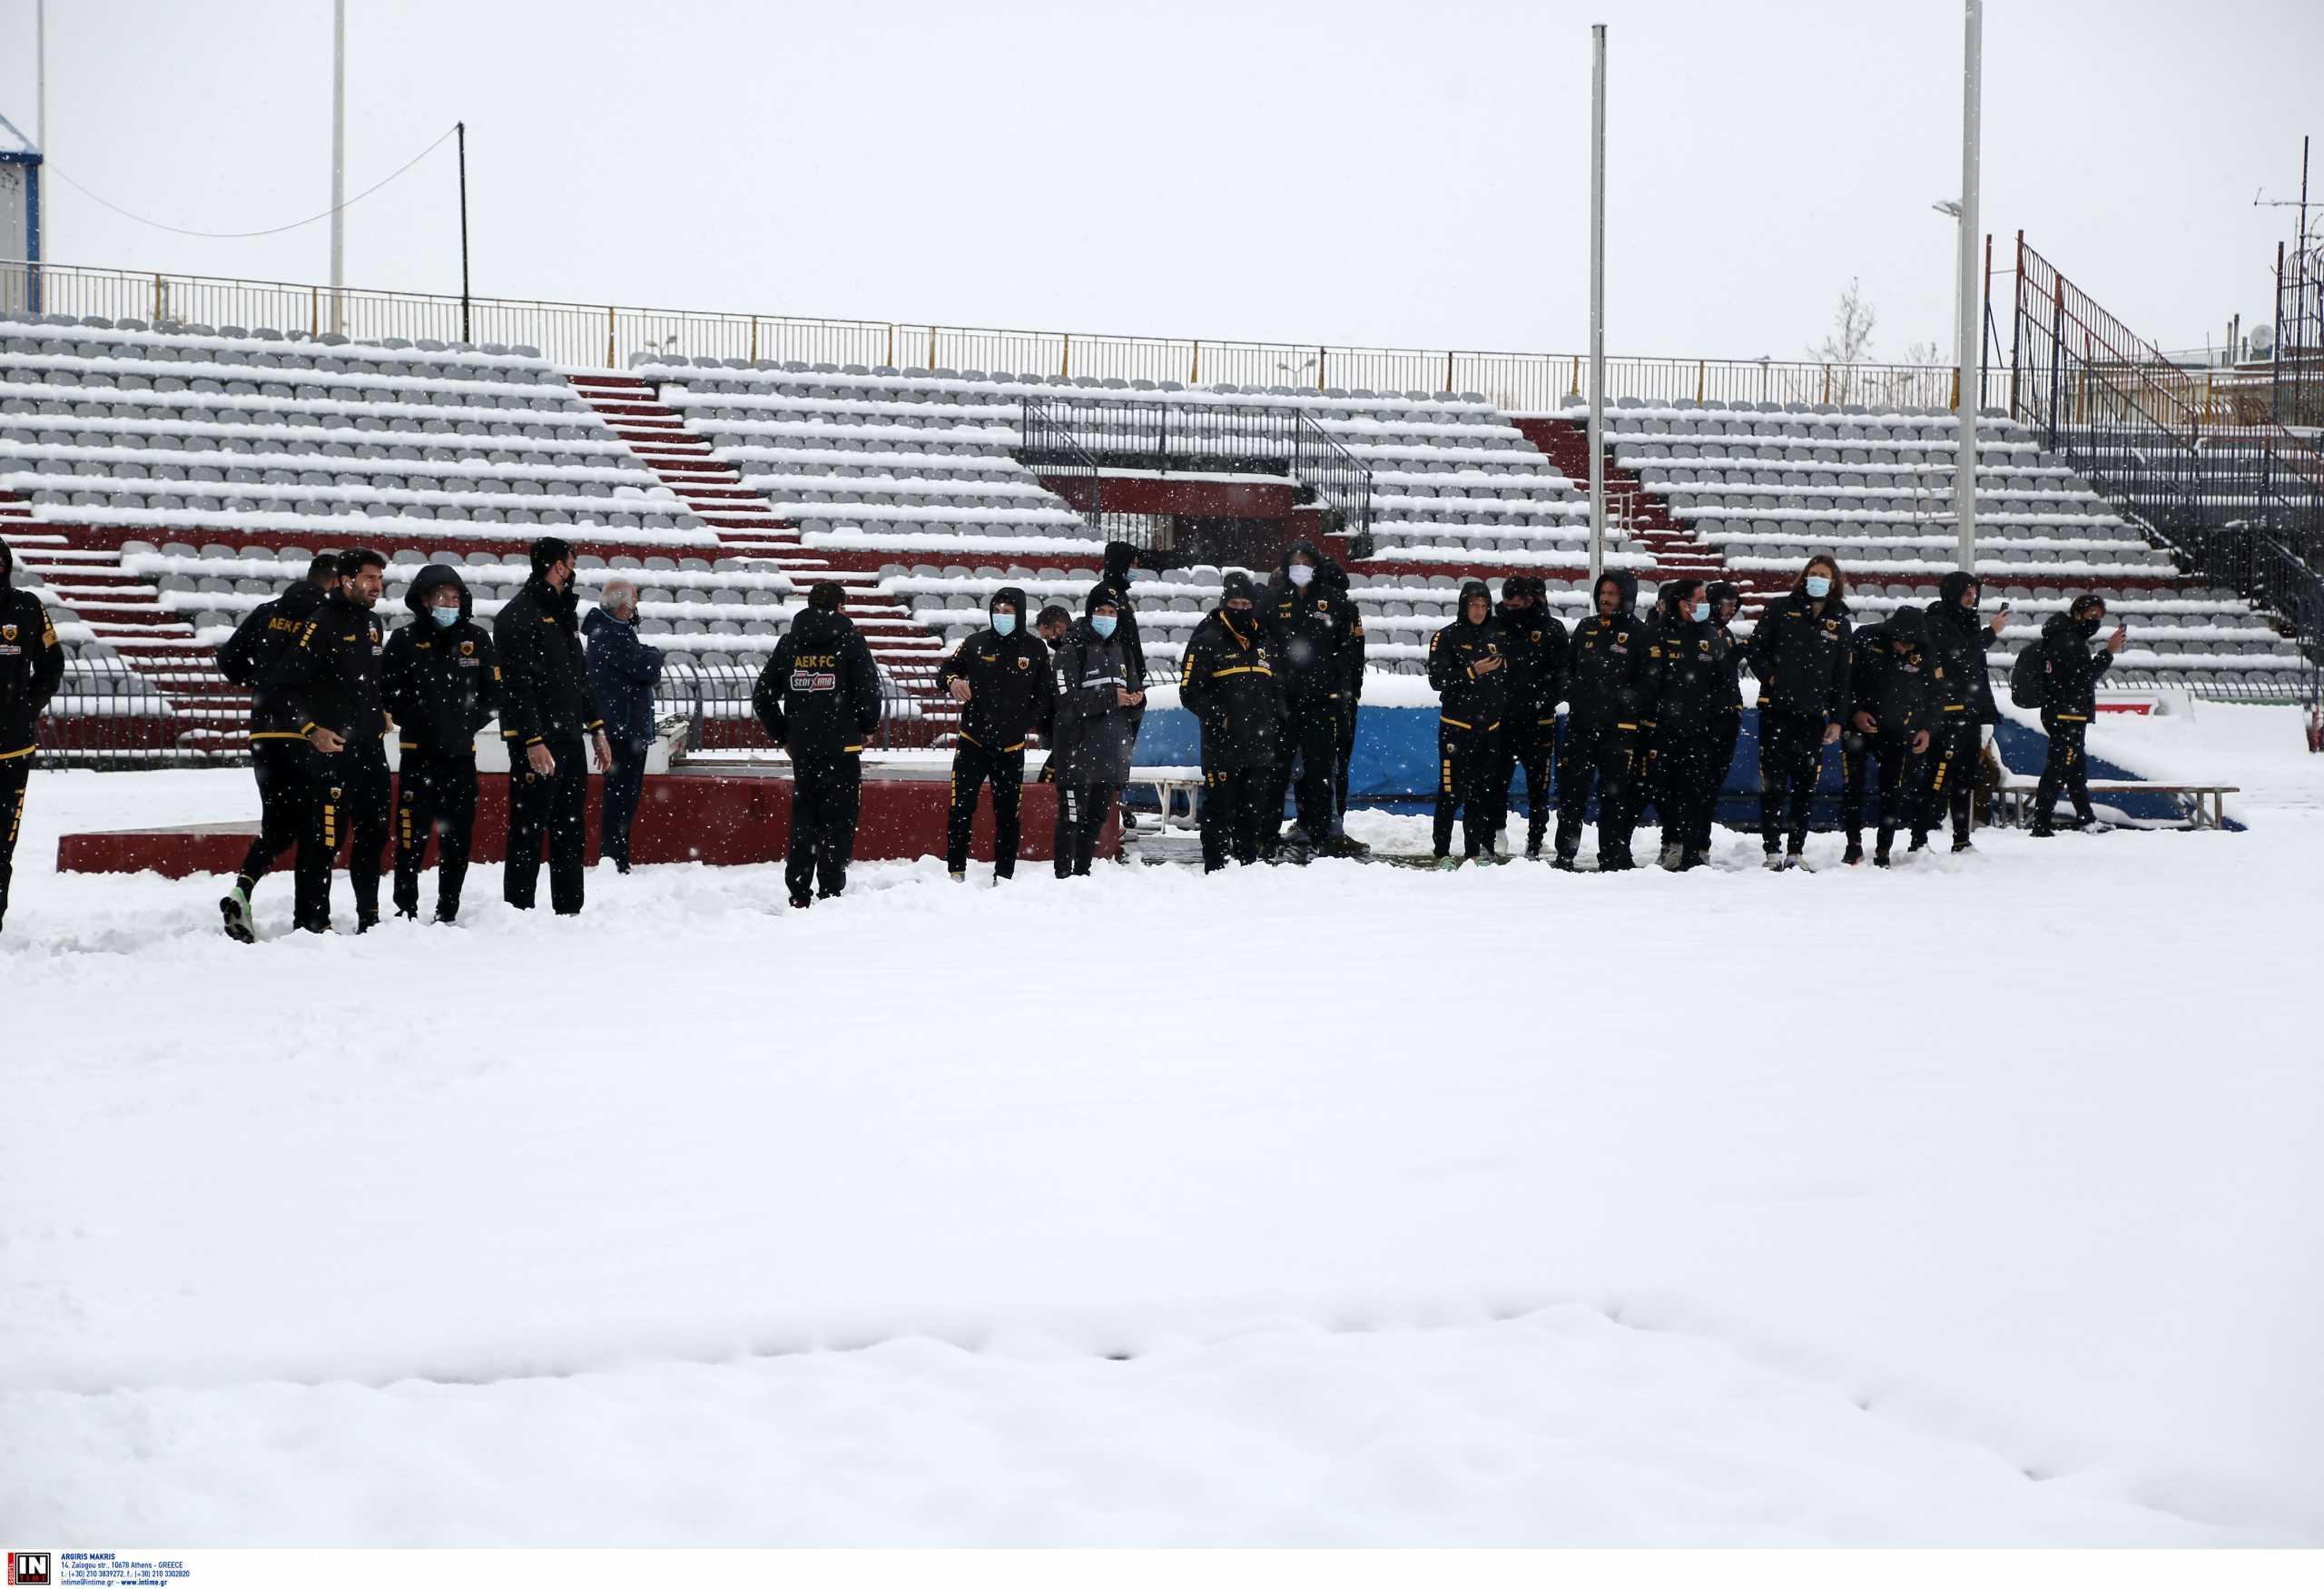 ΑΕΛ – ΑΕΚ: Επίσημη η αναβολή για «χιόνι ύψους 15-20 εκατοστών» – Πότε θα γίνει το ματς